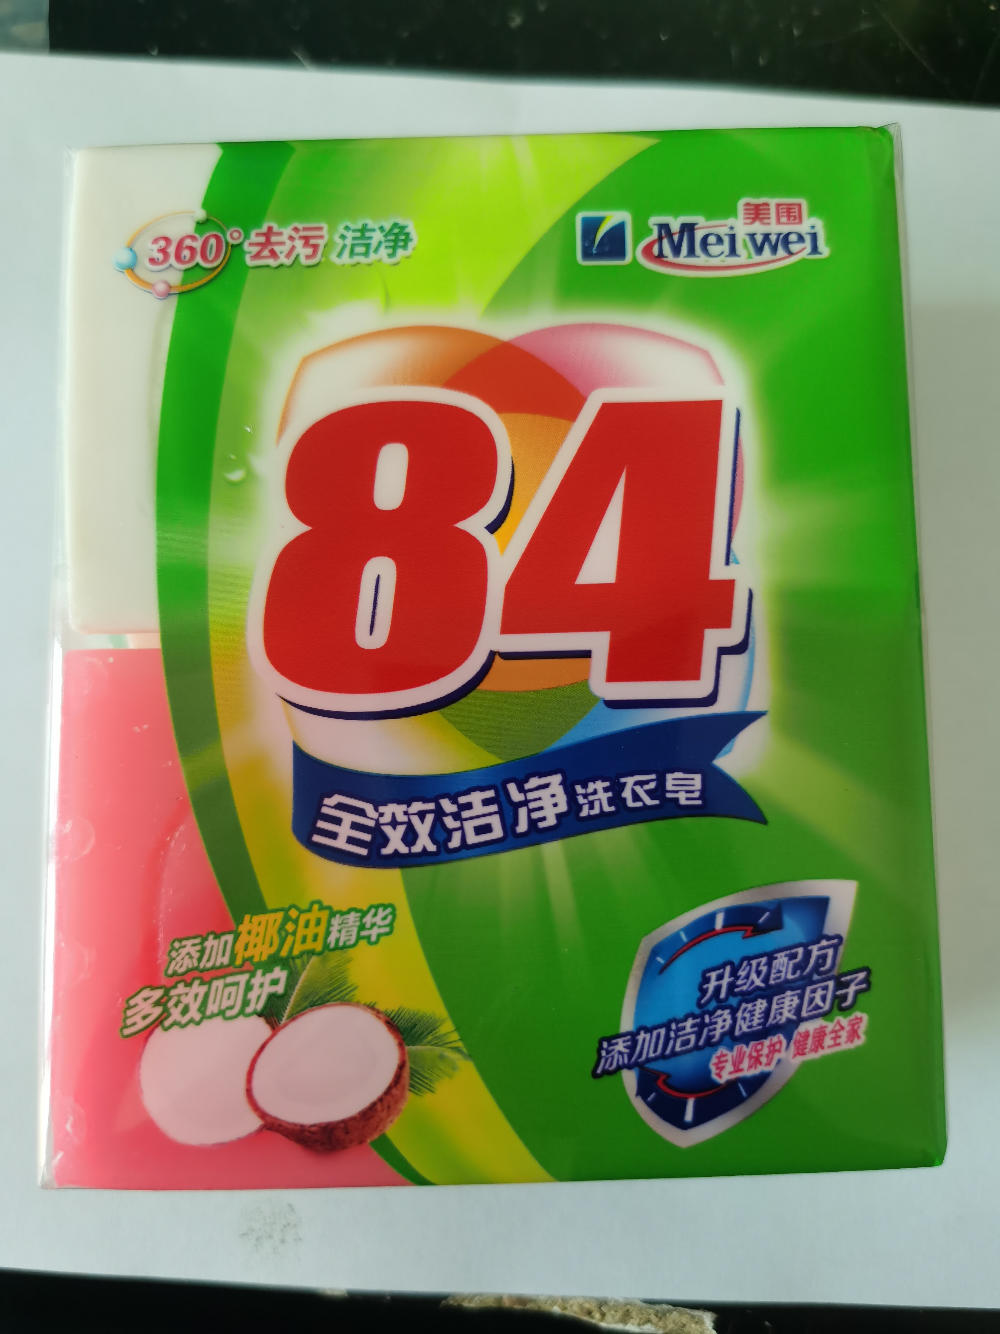 84洗衣皂,212gx4块